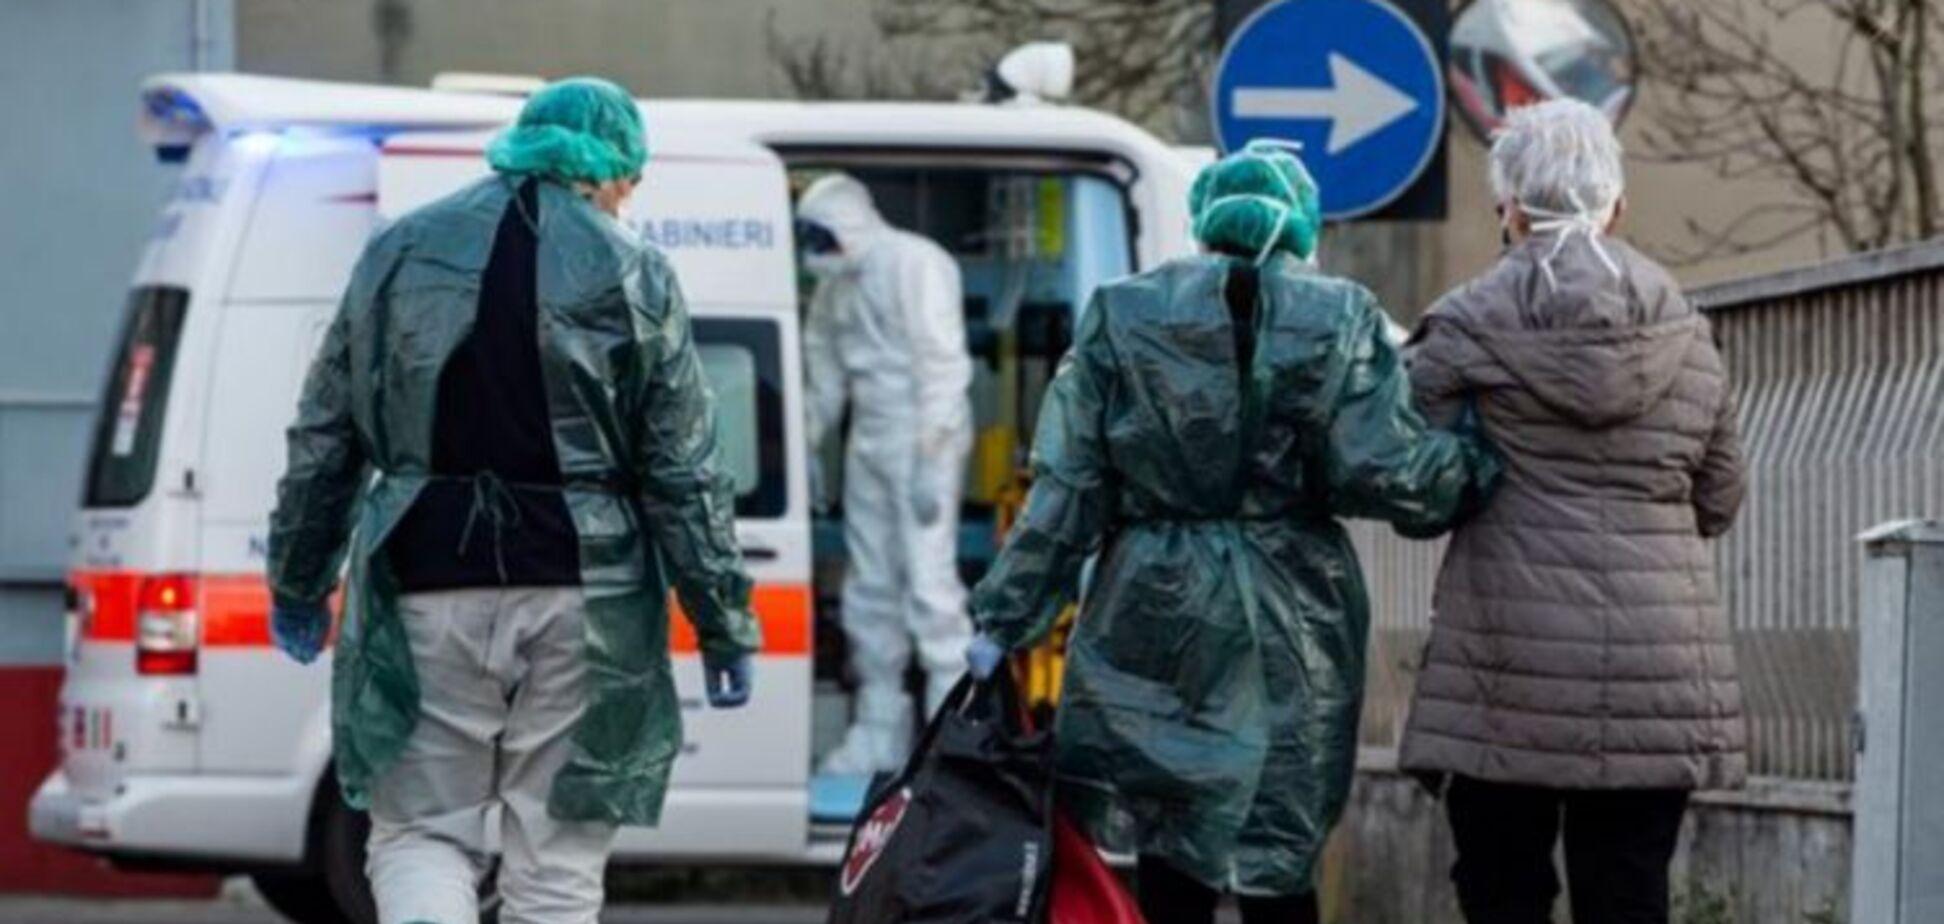 'Скорая' не довезла: на Одесщине от COVID-19 умер семейный врач